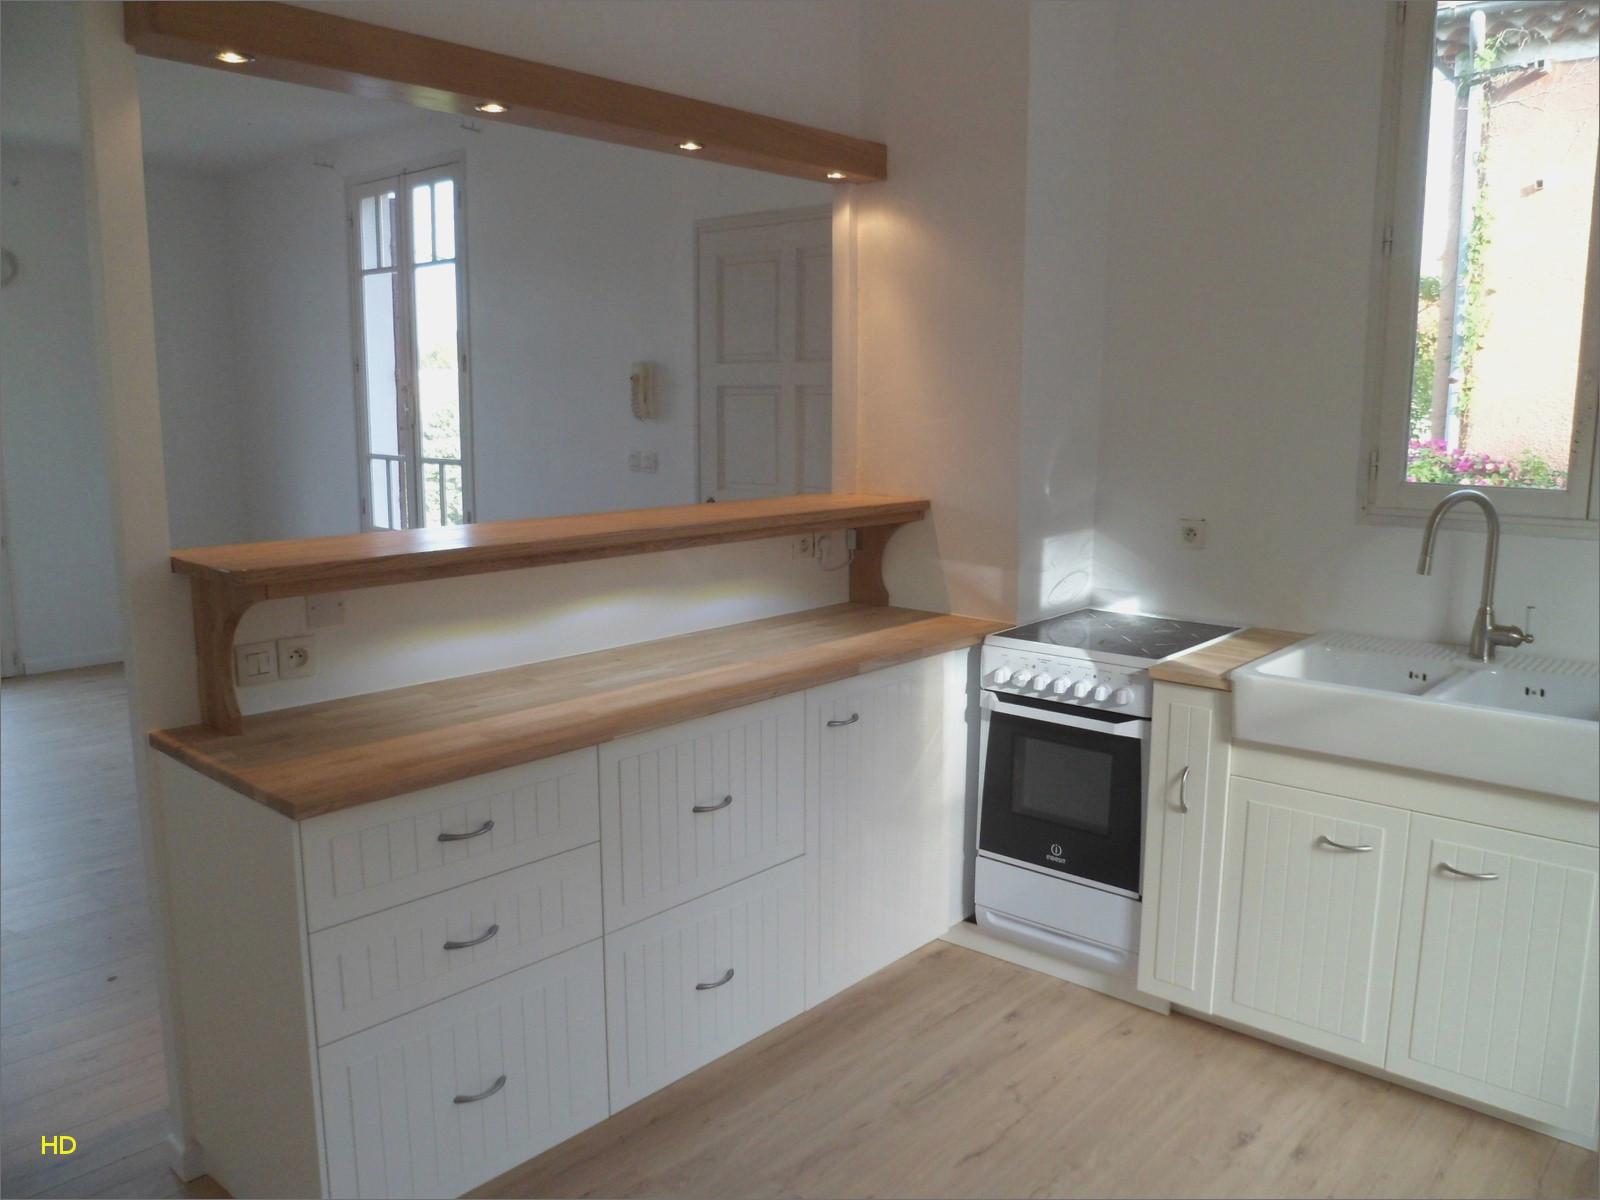 meuble haut cuisine faible profondeur boutique gain de. Black Bedroom Furniture Sets. Home Design Ideas